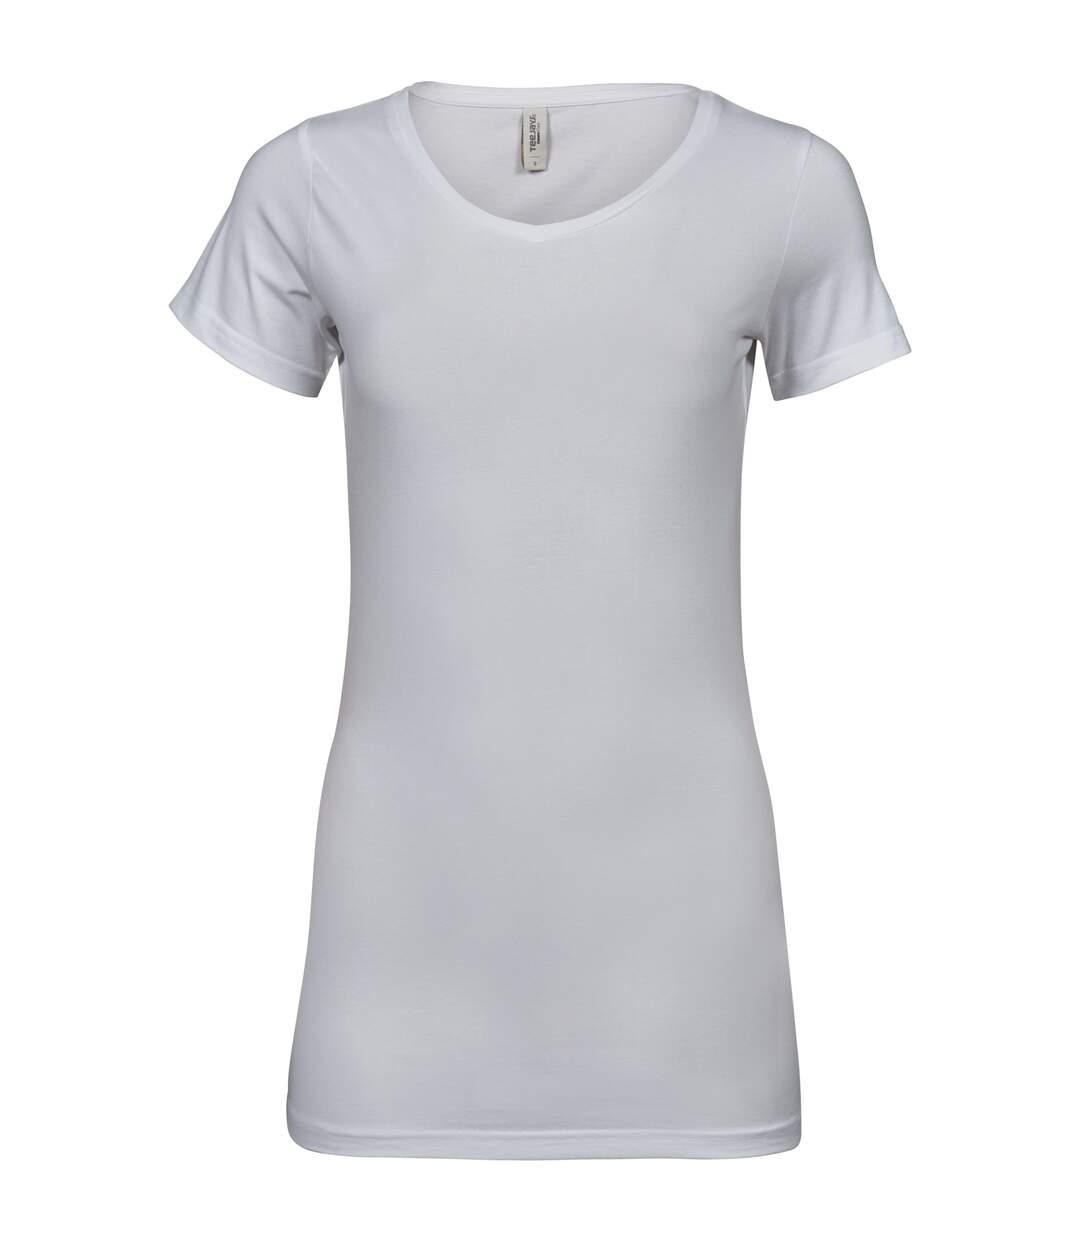 Tee Jays - T-Shirt Fashion - Femme (Blanc) - UTPC3418